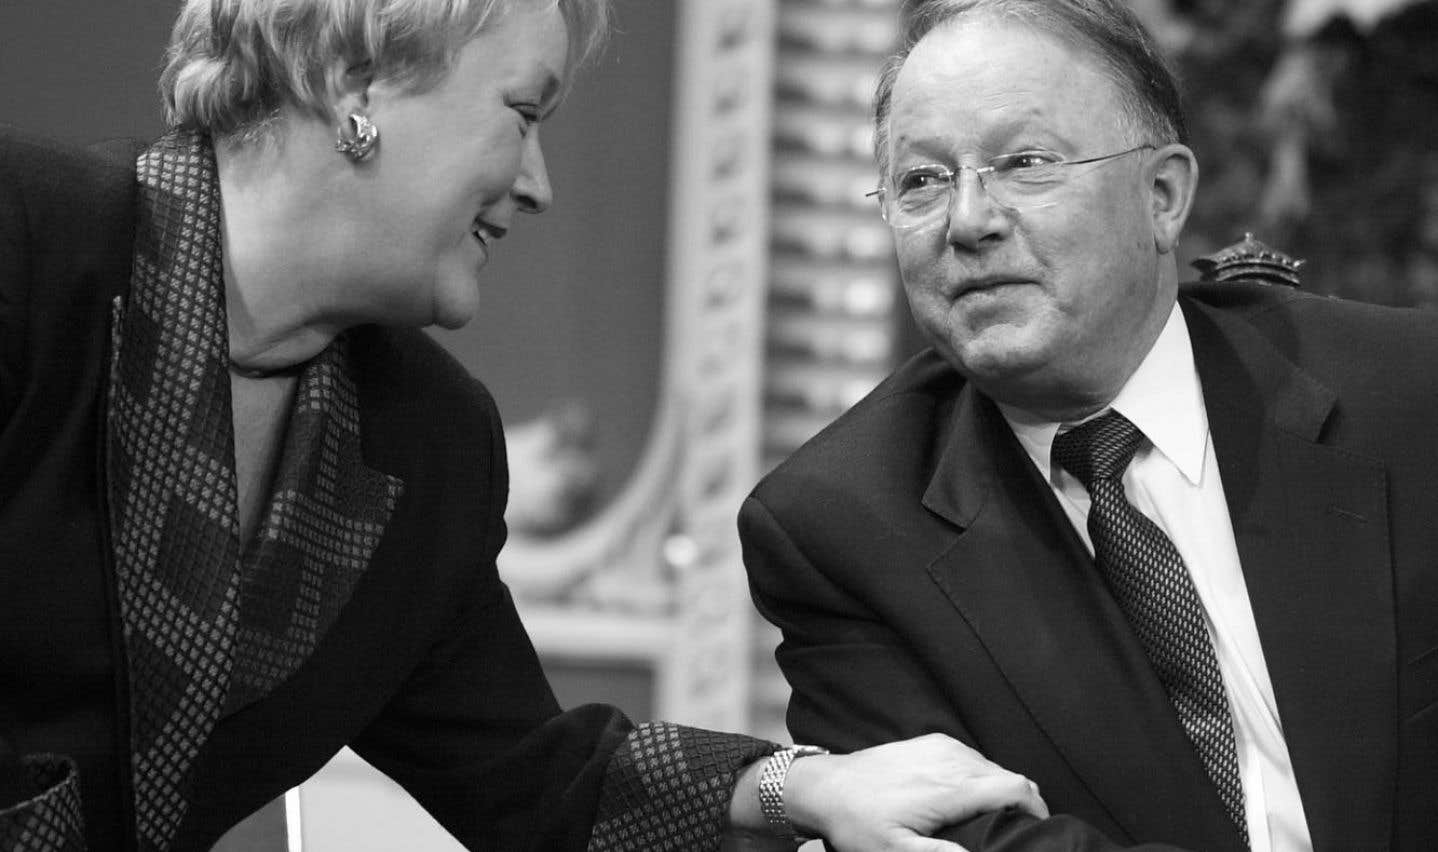 Après avoir succédé à Lucien Bouchard comme chef du Parti québécois, en mars 2001, Bernard Landry discute avec Pauline Marois, qu'il nommera vice-première ministre du Québec.